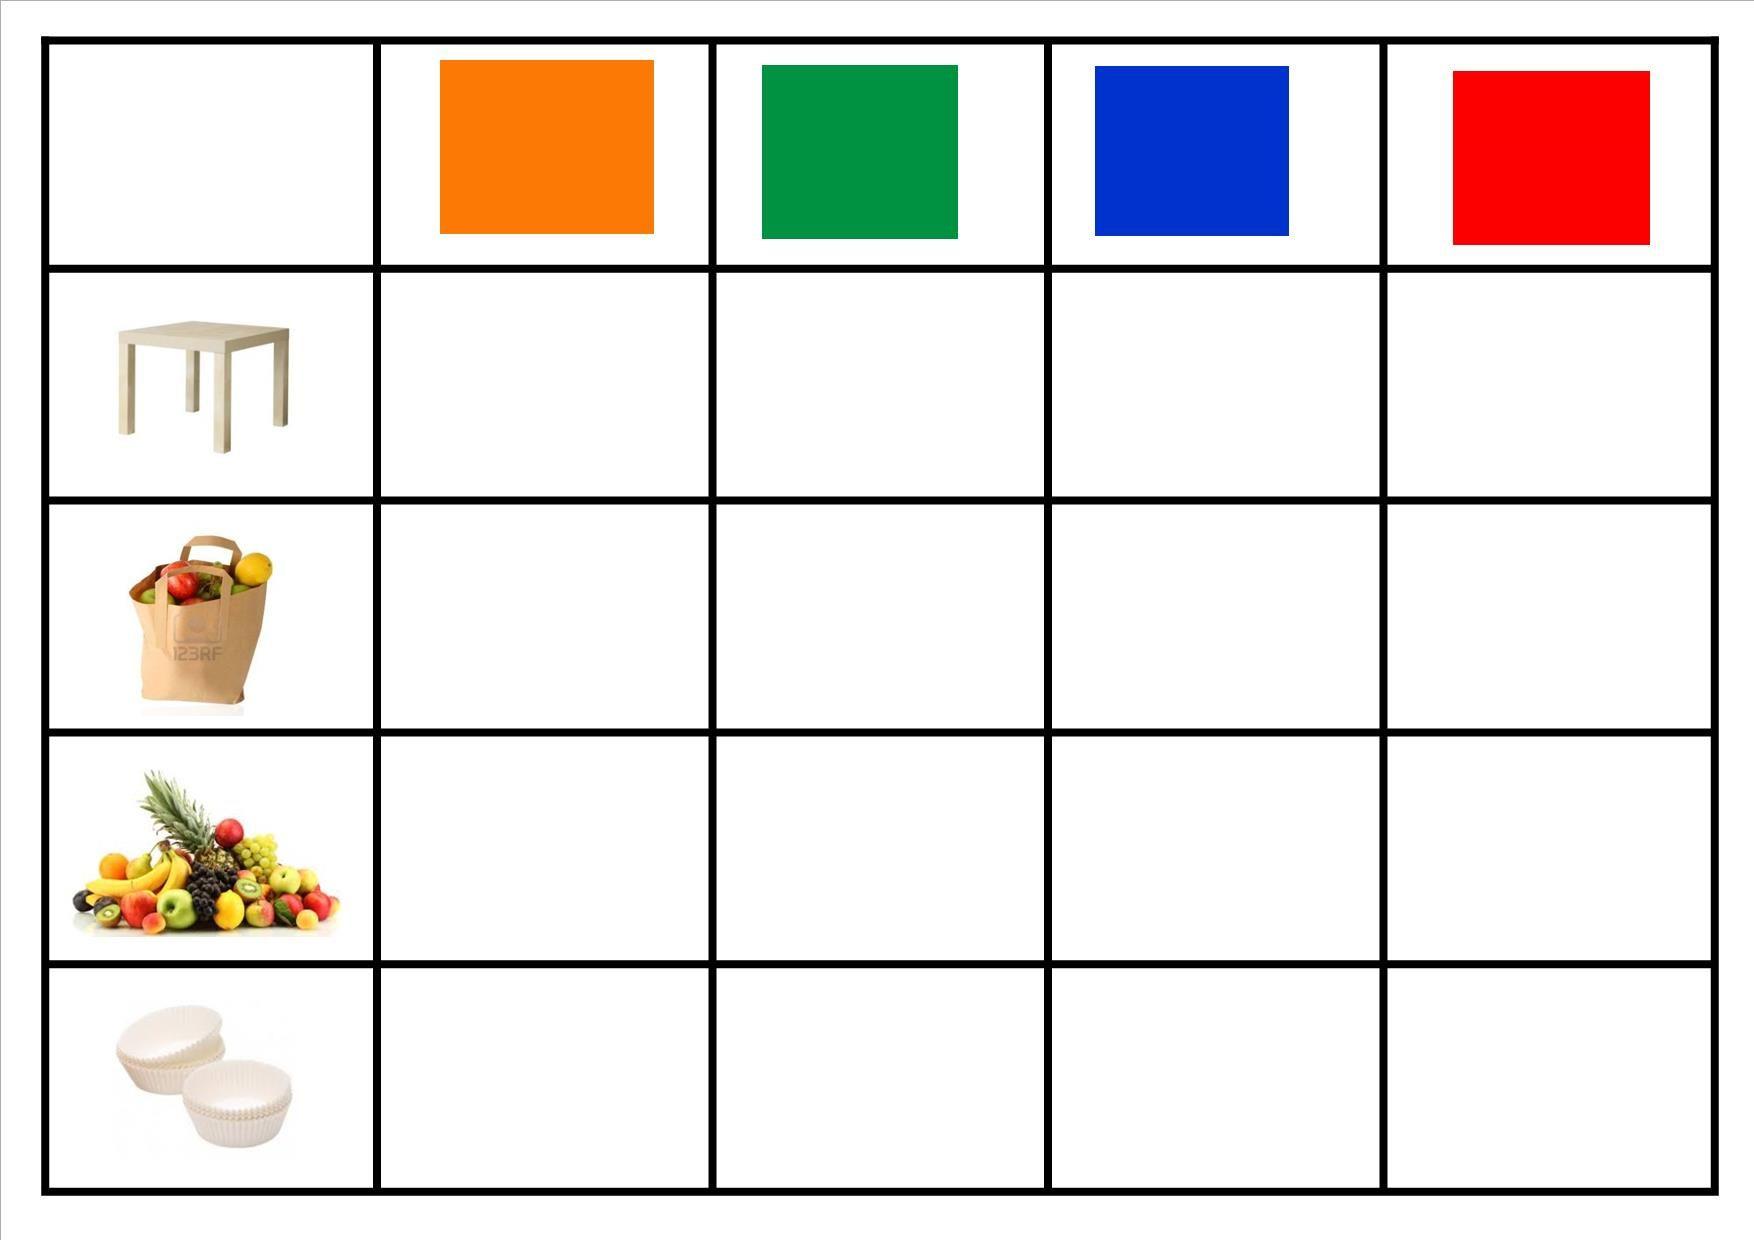 Matrix Reasoning Worksheet